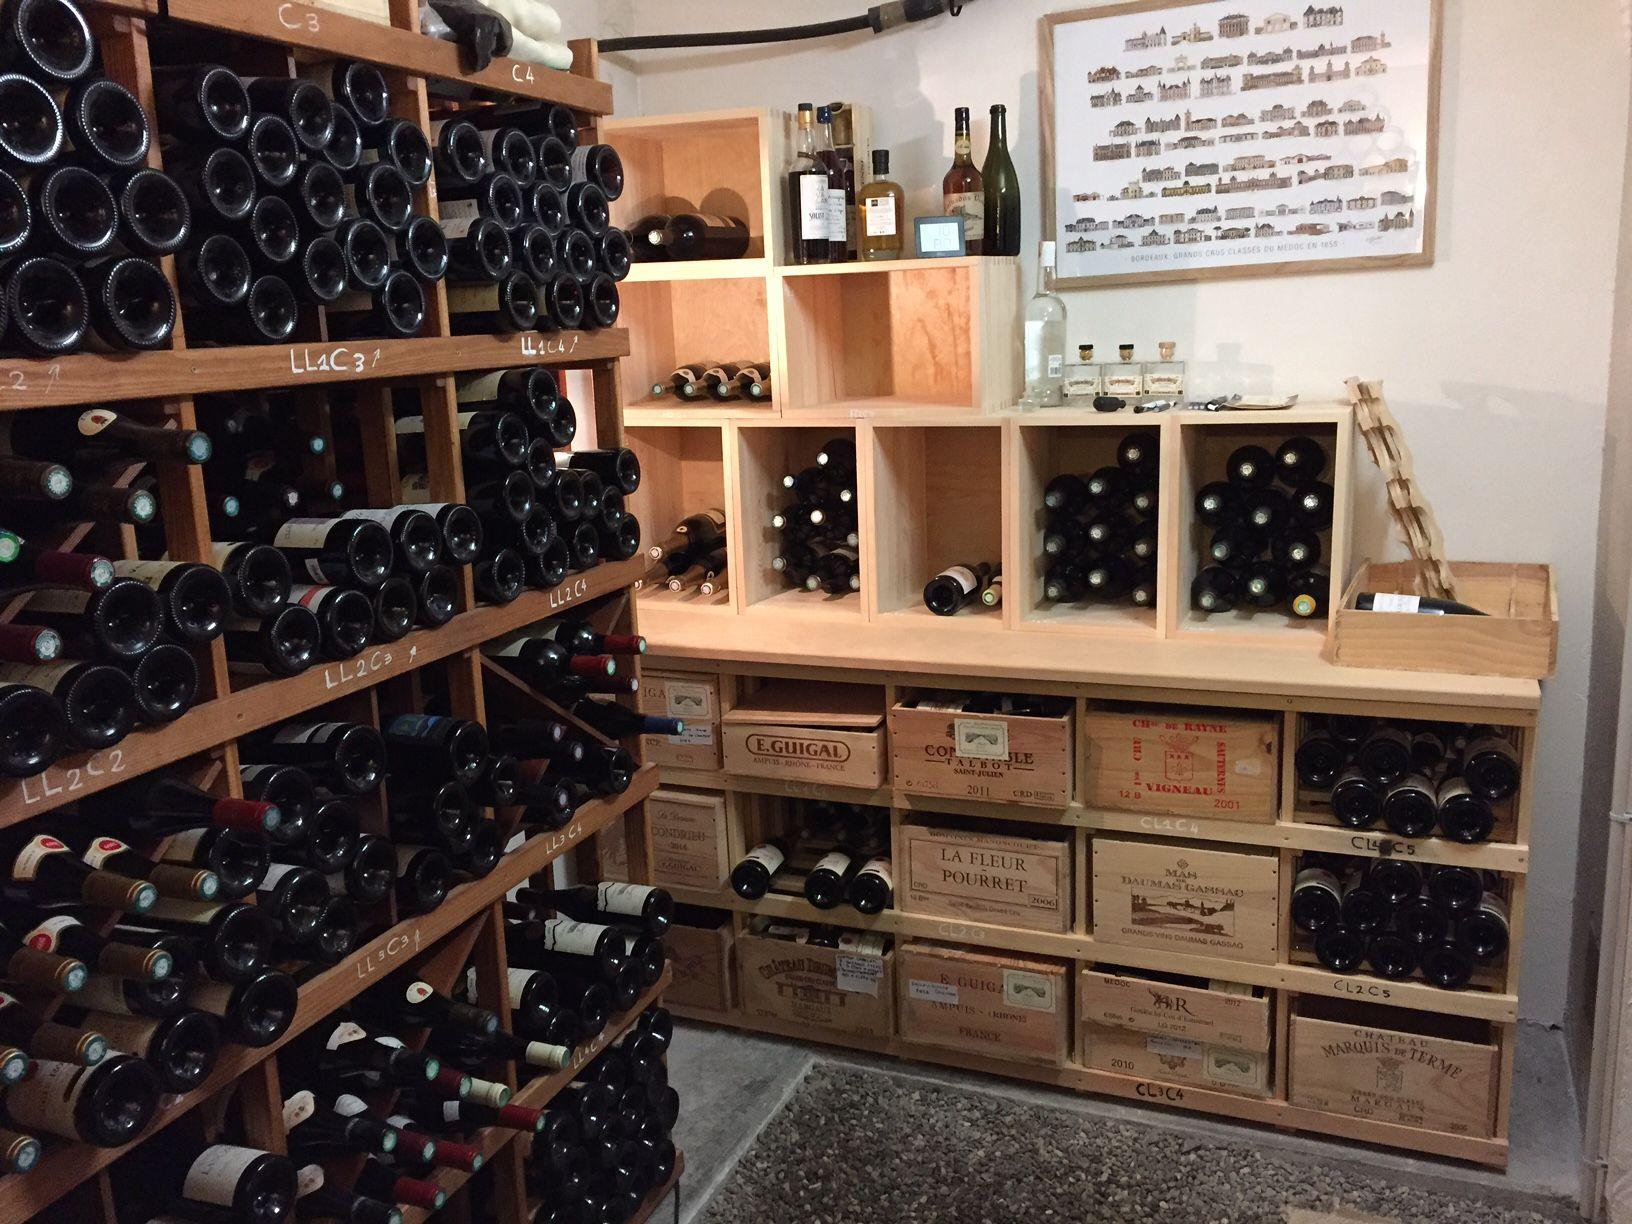 Casiers pour bouteilles casier vin cave vin rangement du vin am nagement cave casier bois - Casier a bouteille metallique ...